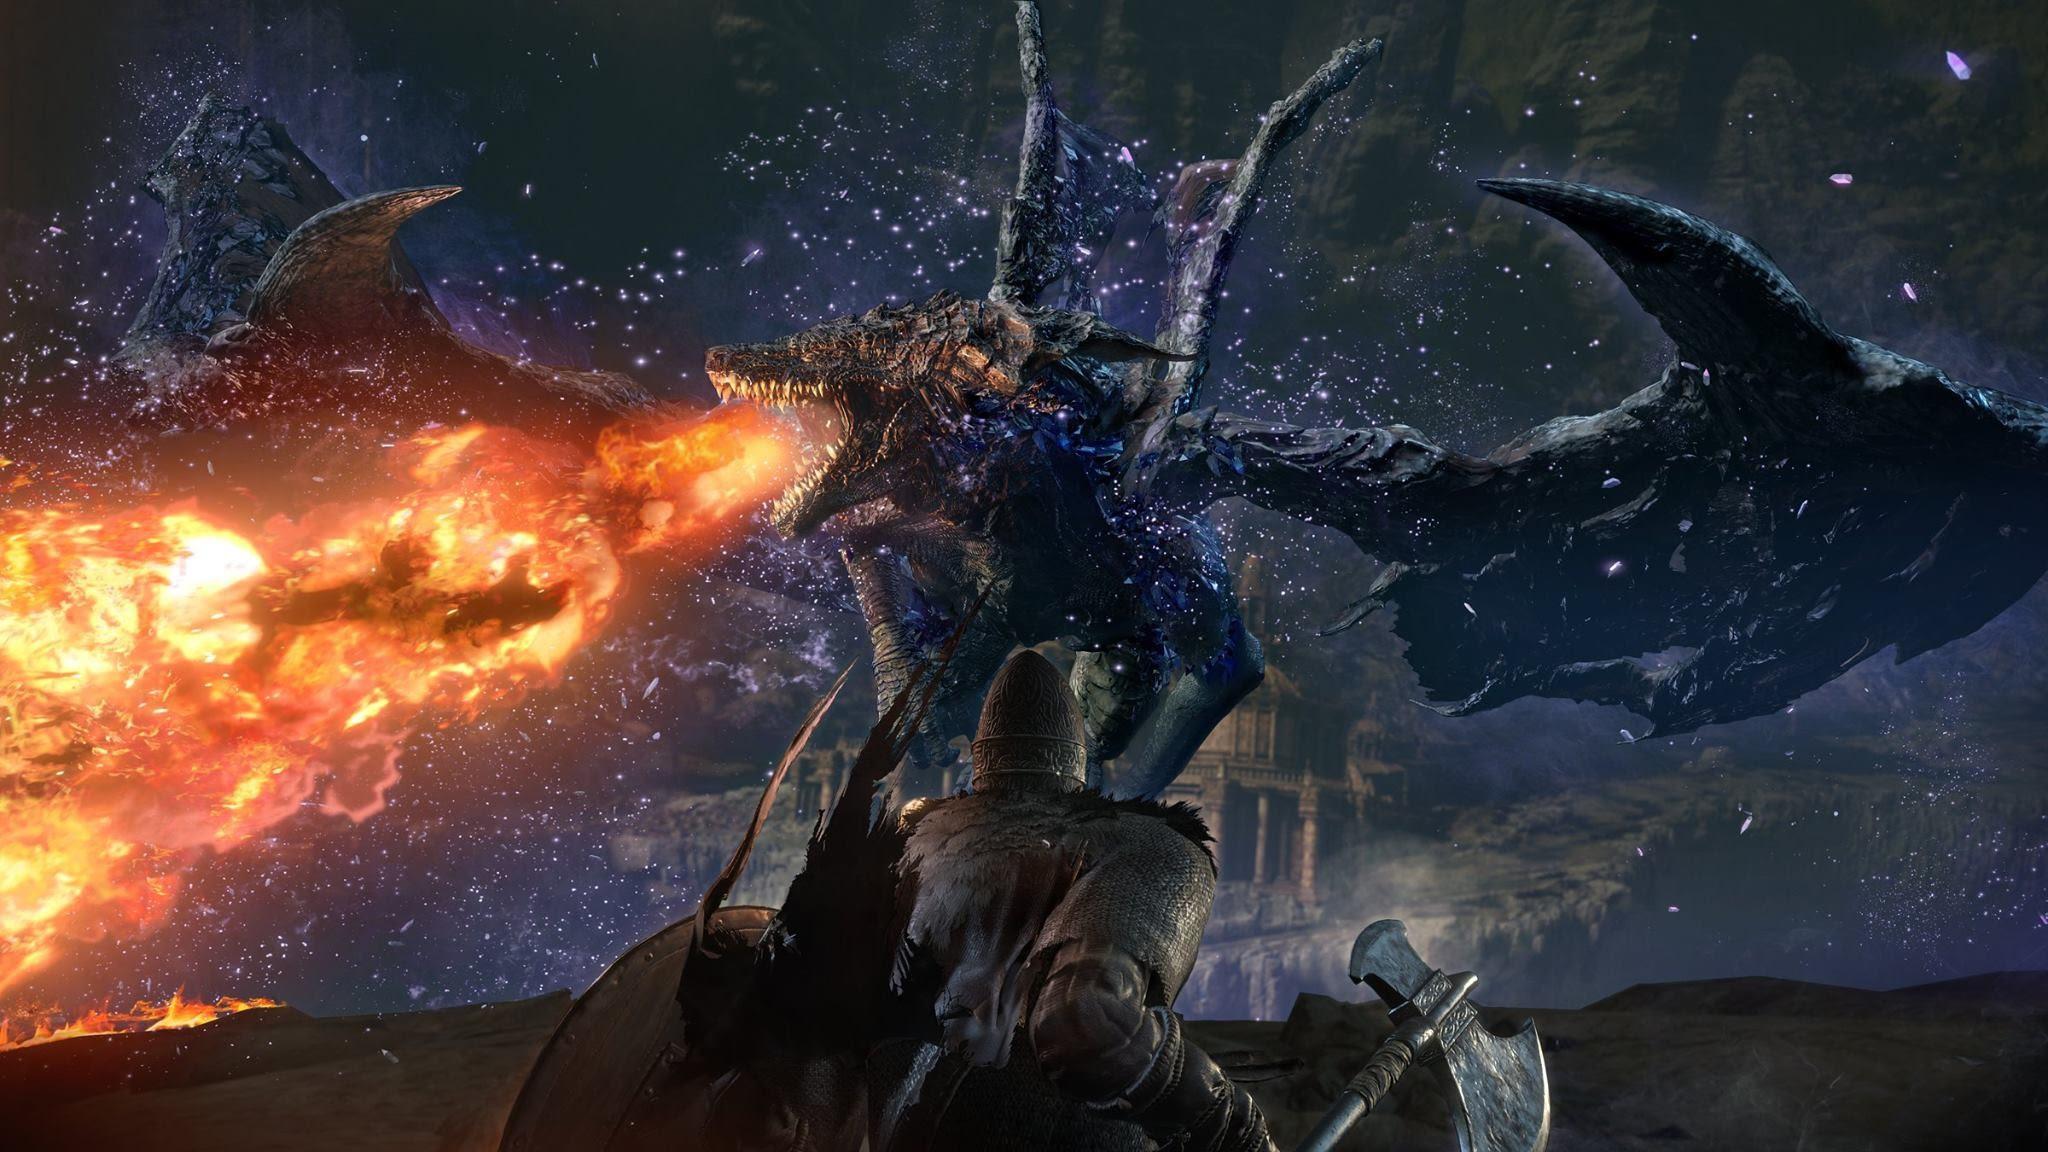 Dark Souls 3 Phone Wallpaper 73 Images